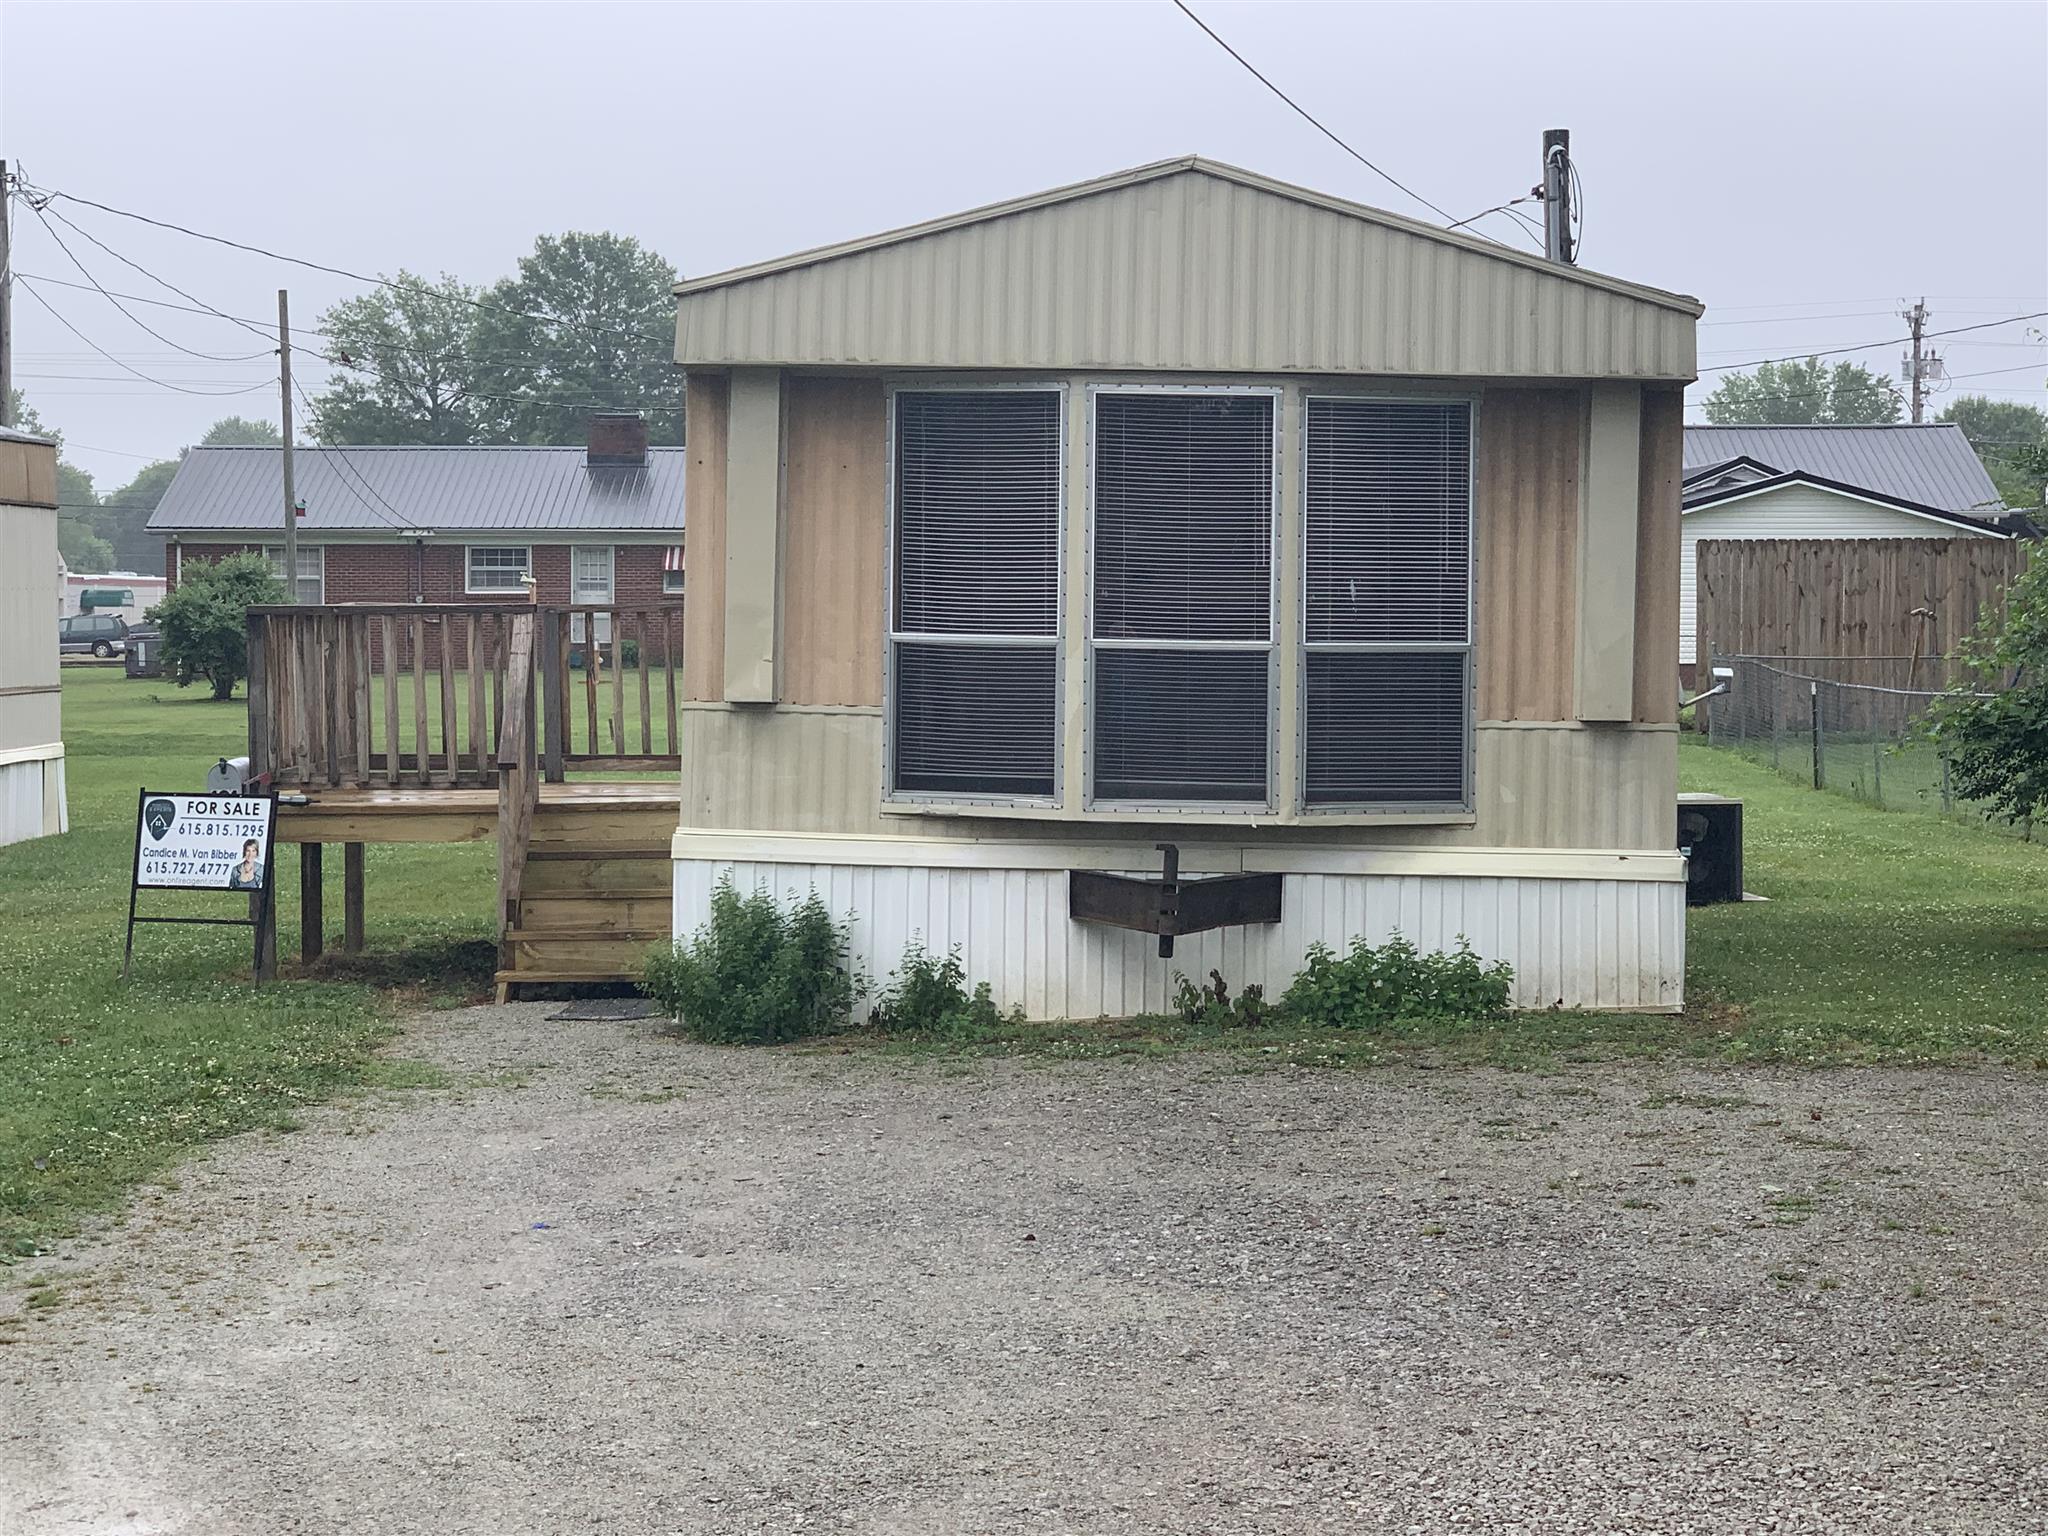 121 N Oak St, Hohenwald, TN 38462 - Hohenwald, TN real estate listing